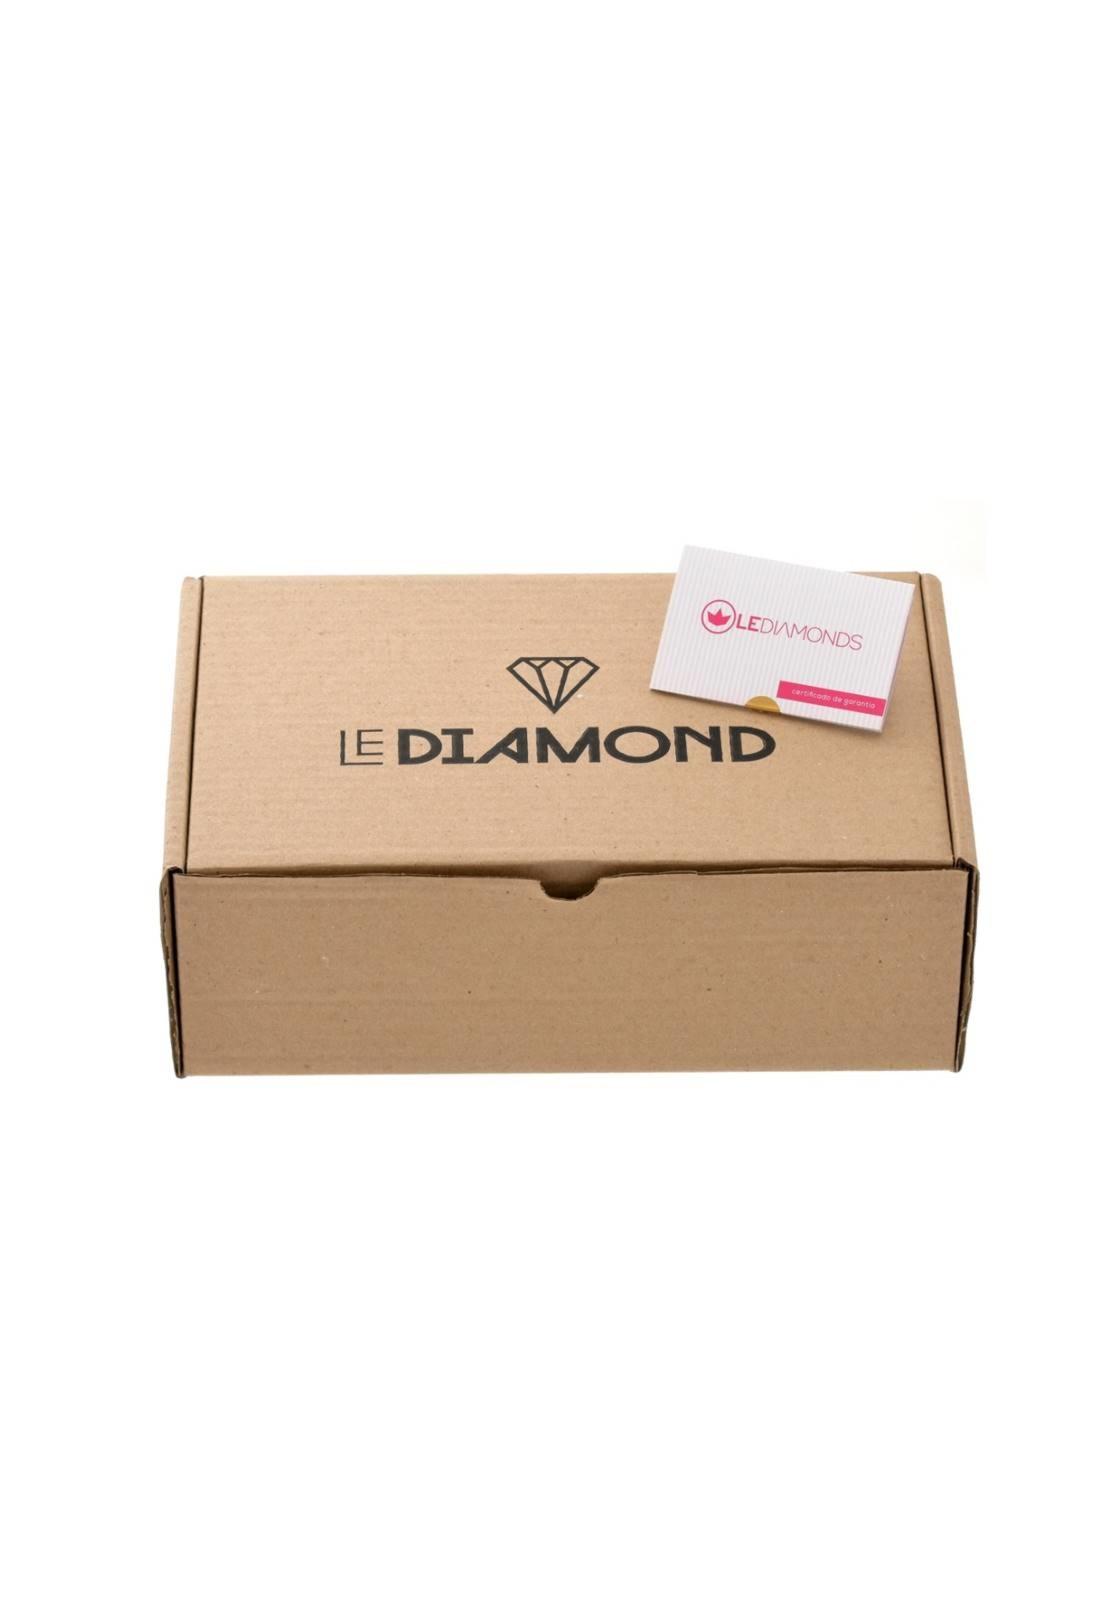 Brinco Le Diamond Franjas com Gotas